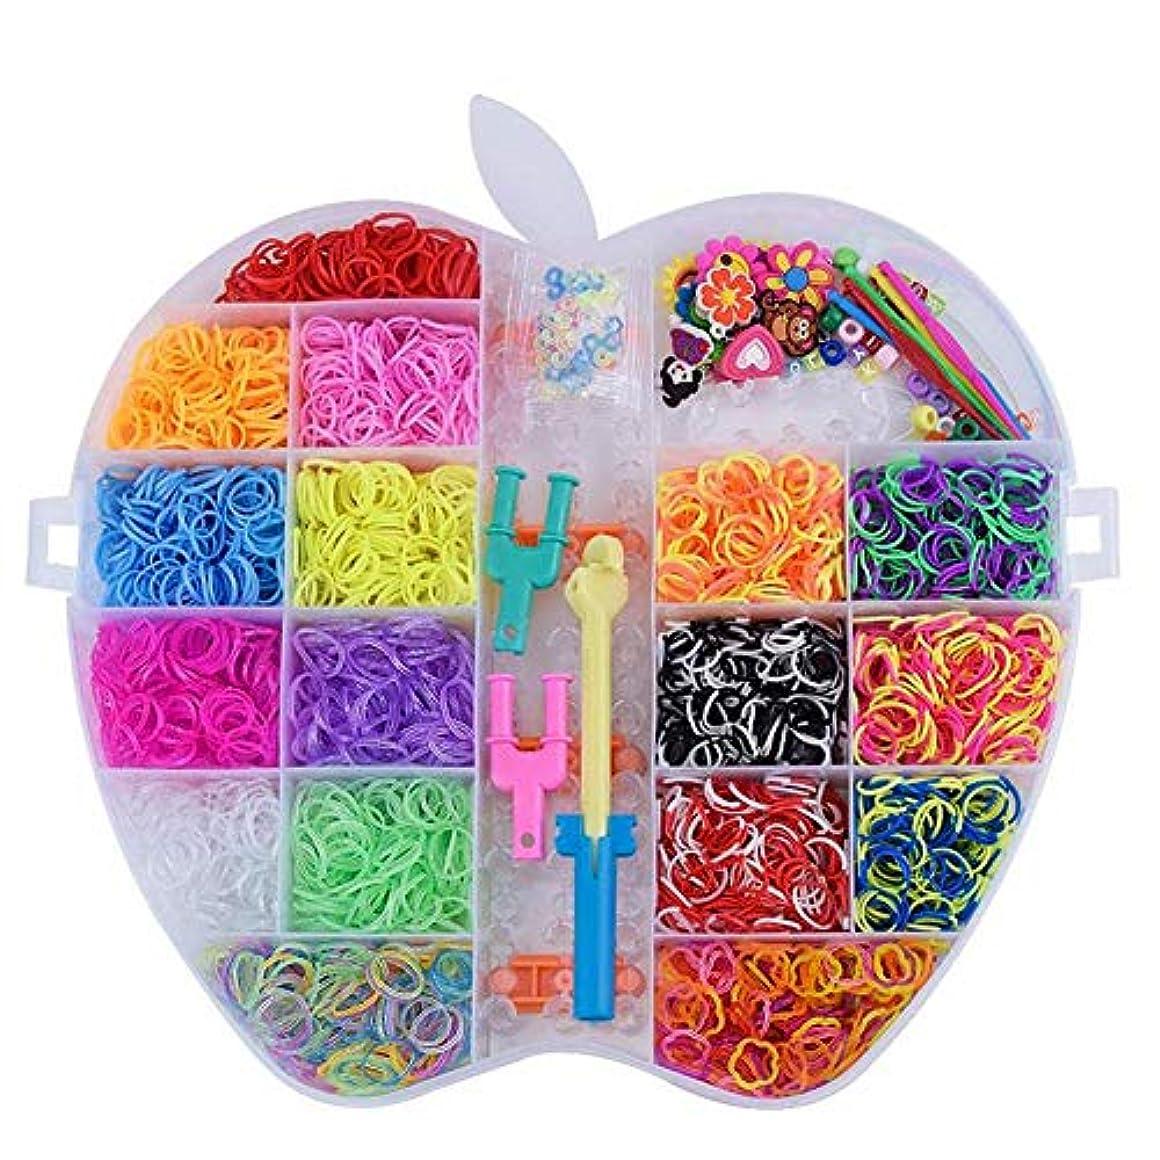 ハンディキャップ砂漠ガイダンスBrill(ブリーオ) DIY編みおもちゃ虹ゴムバンド詰め替え織機キット子供6000PCS